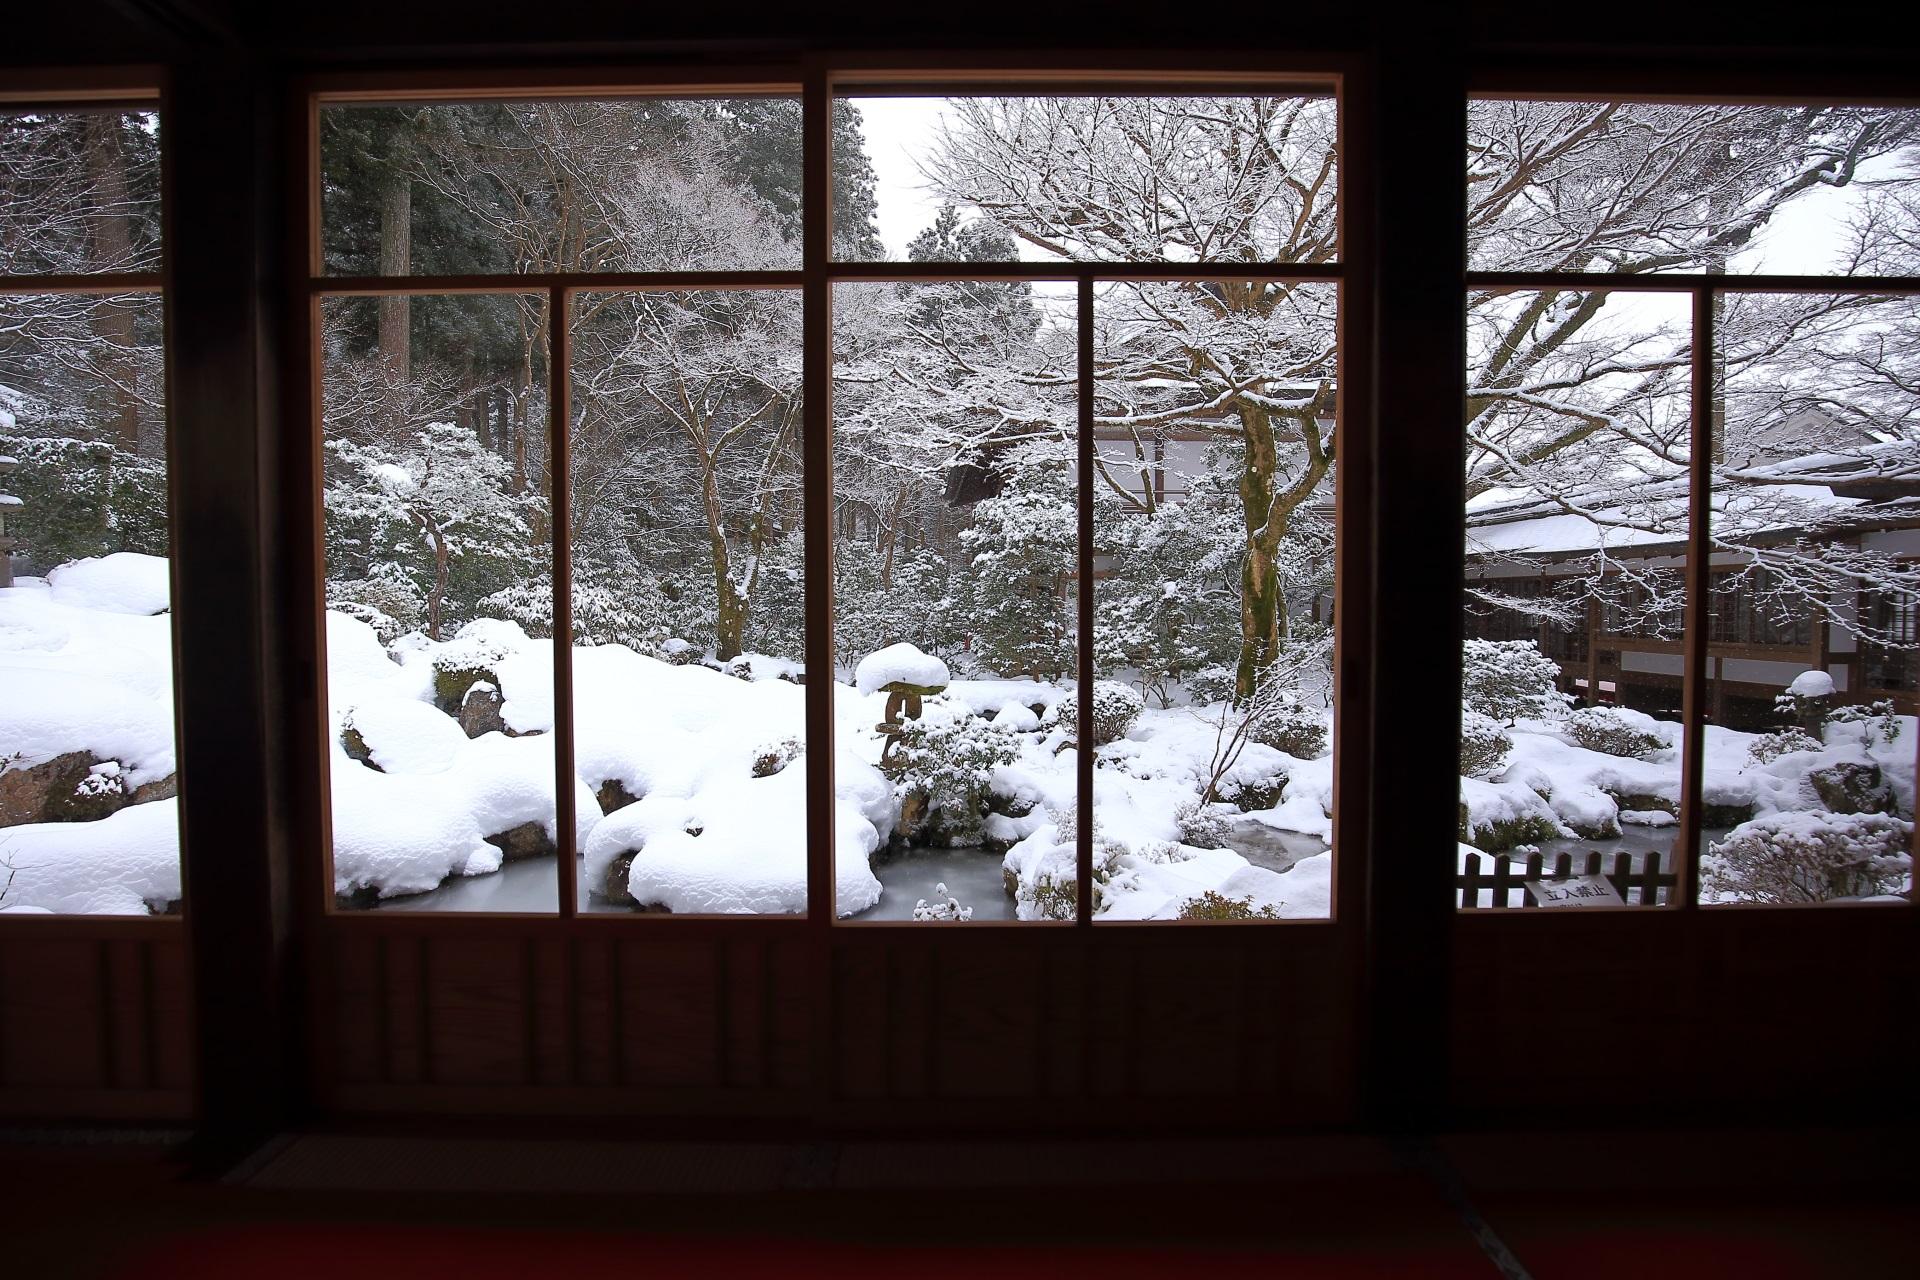 聚碧園の雪景色